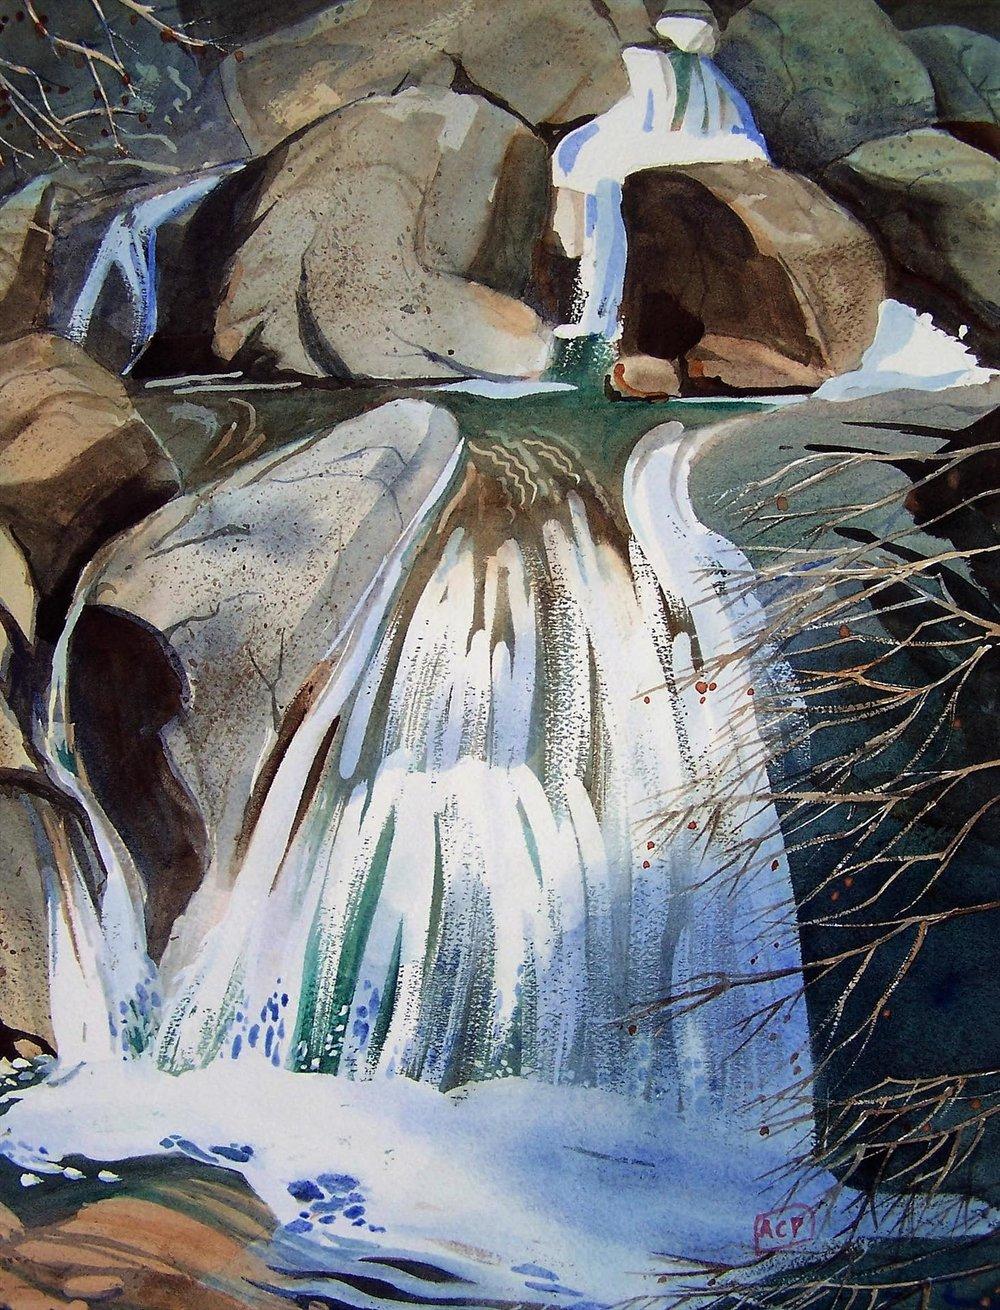 8689-cascade_creek-1024201613-38891.jpg